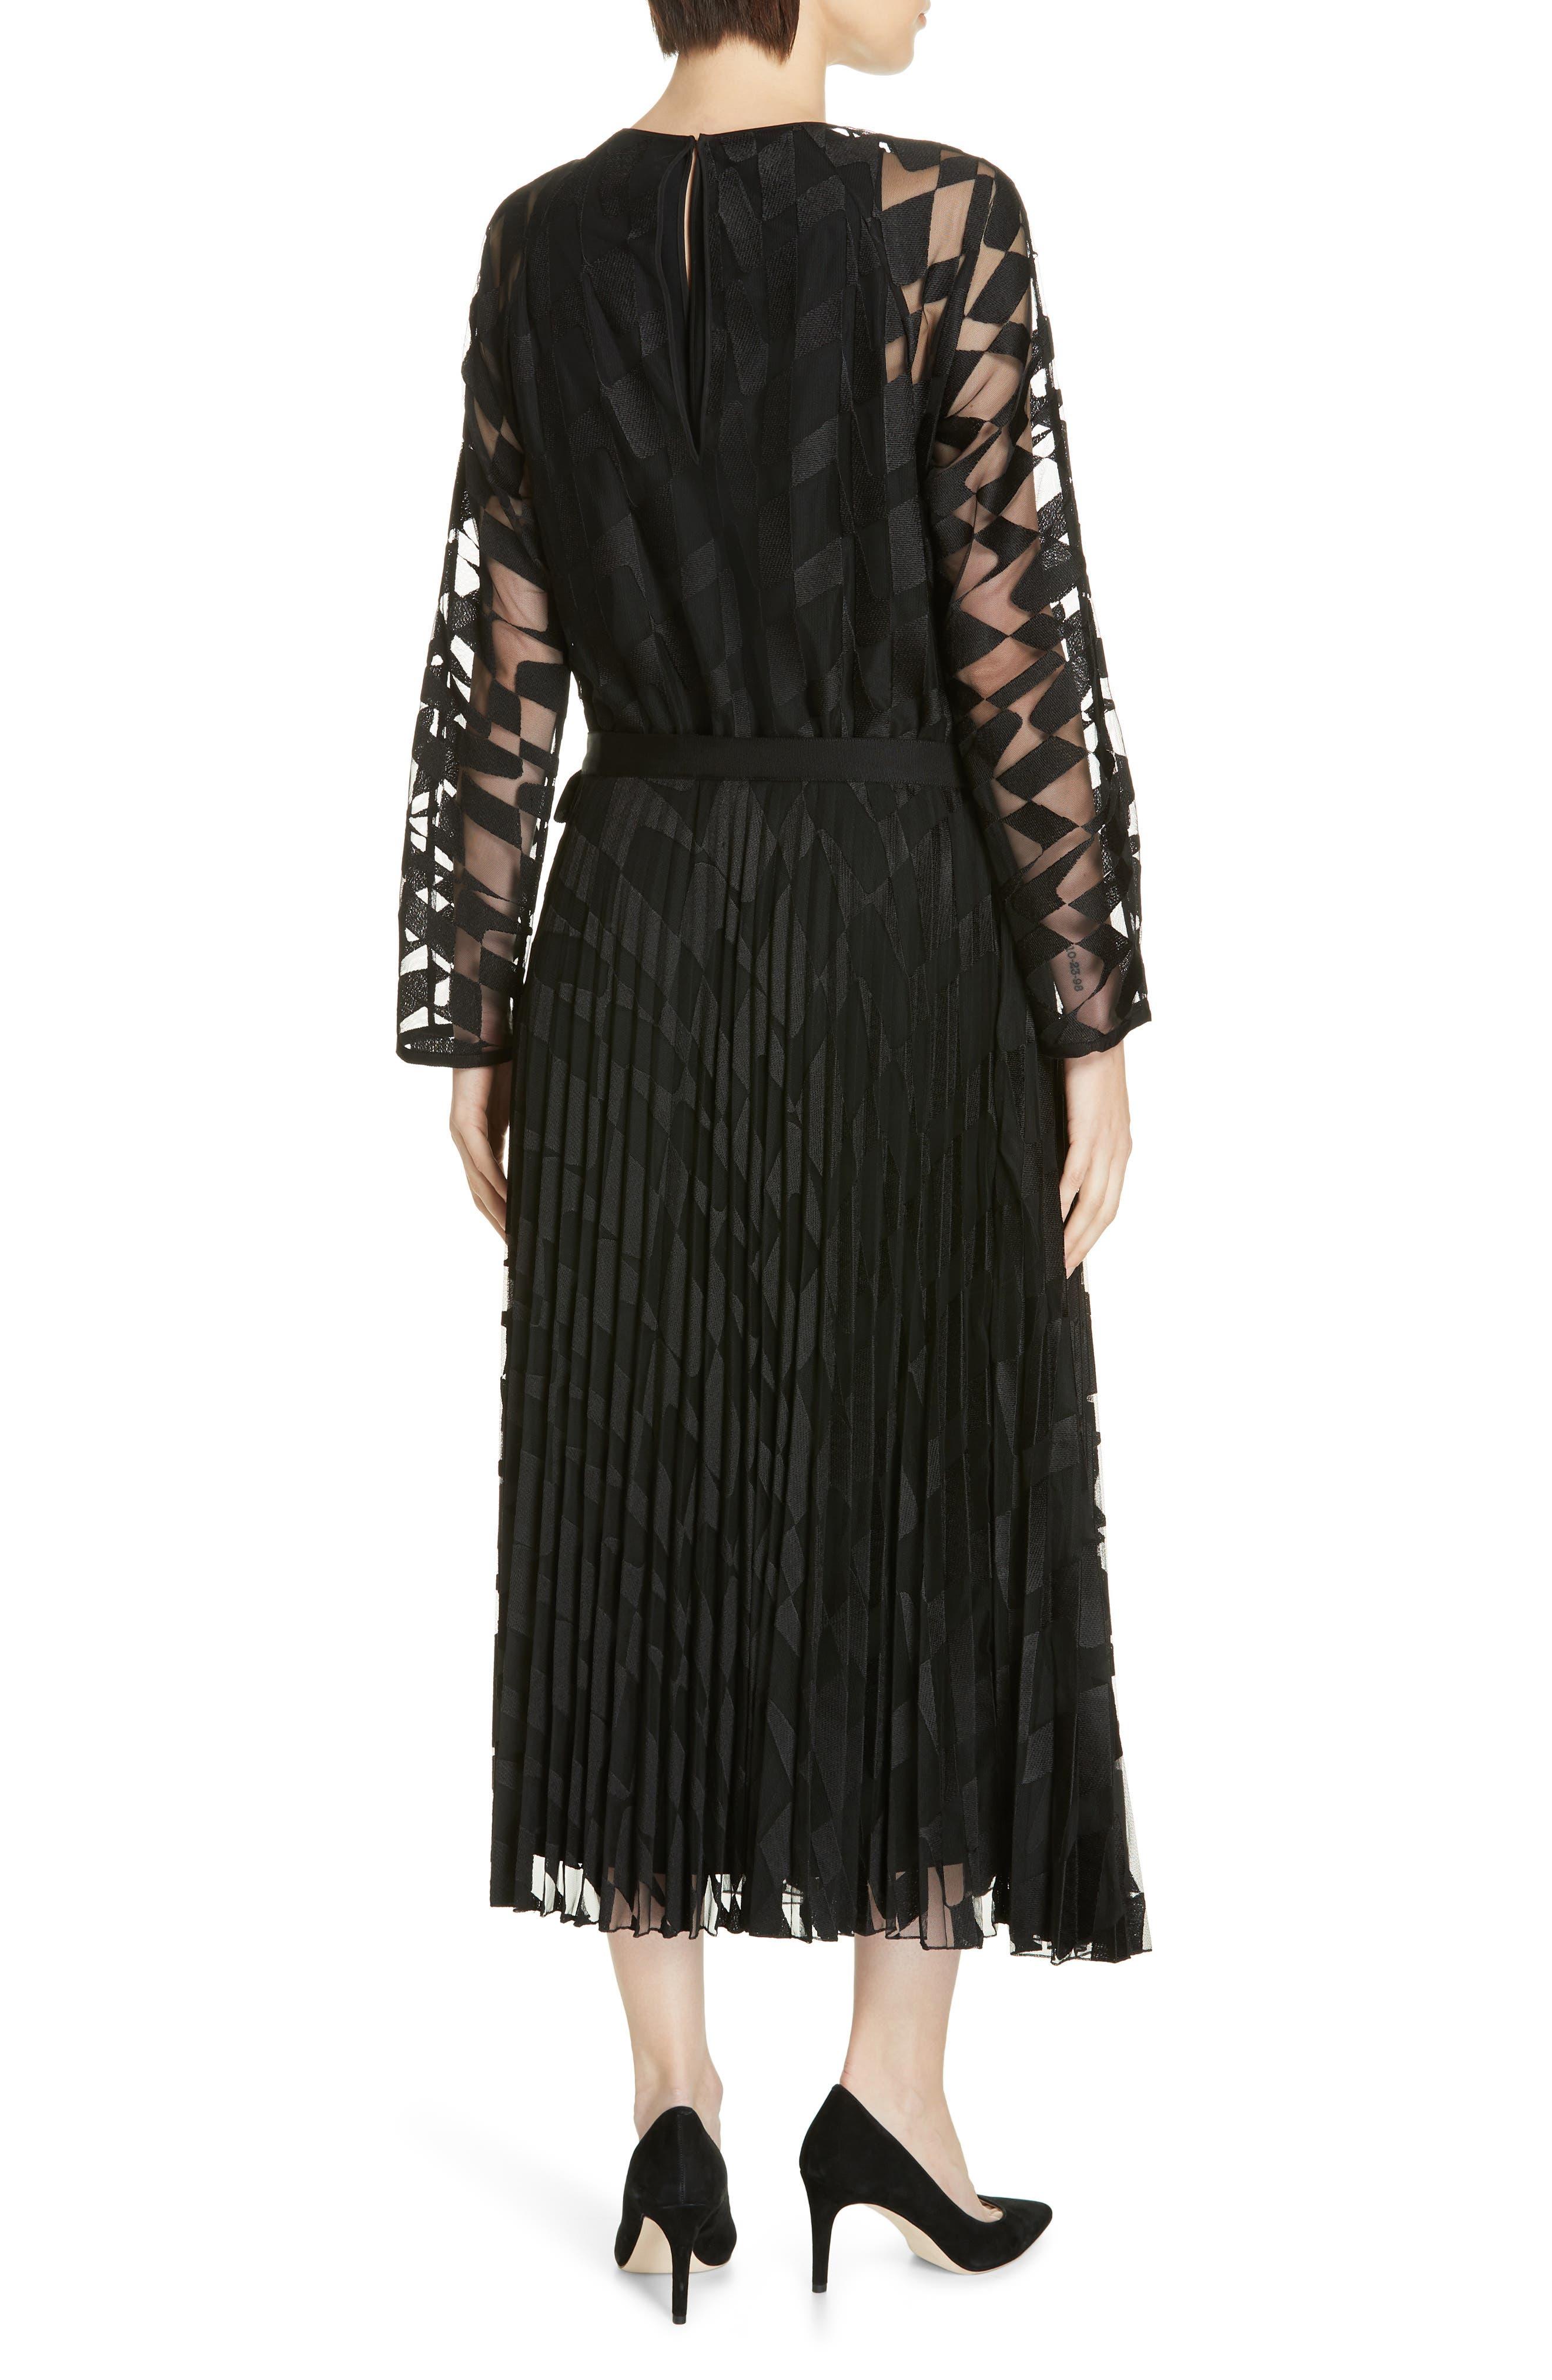 Dalace Pleat & Geo Print Midi Dress,                             Alternate thumbnail 2, color,                             BLACK